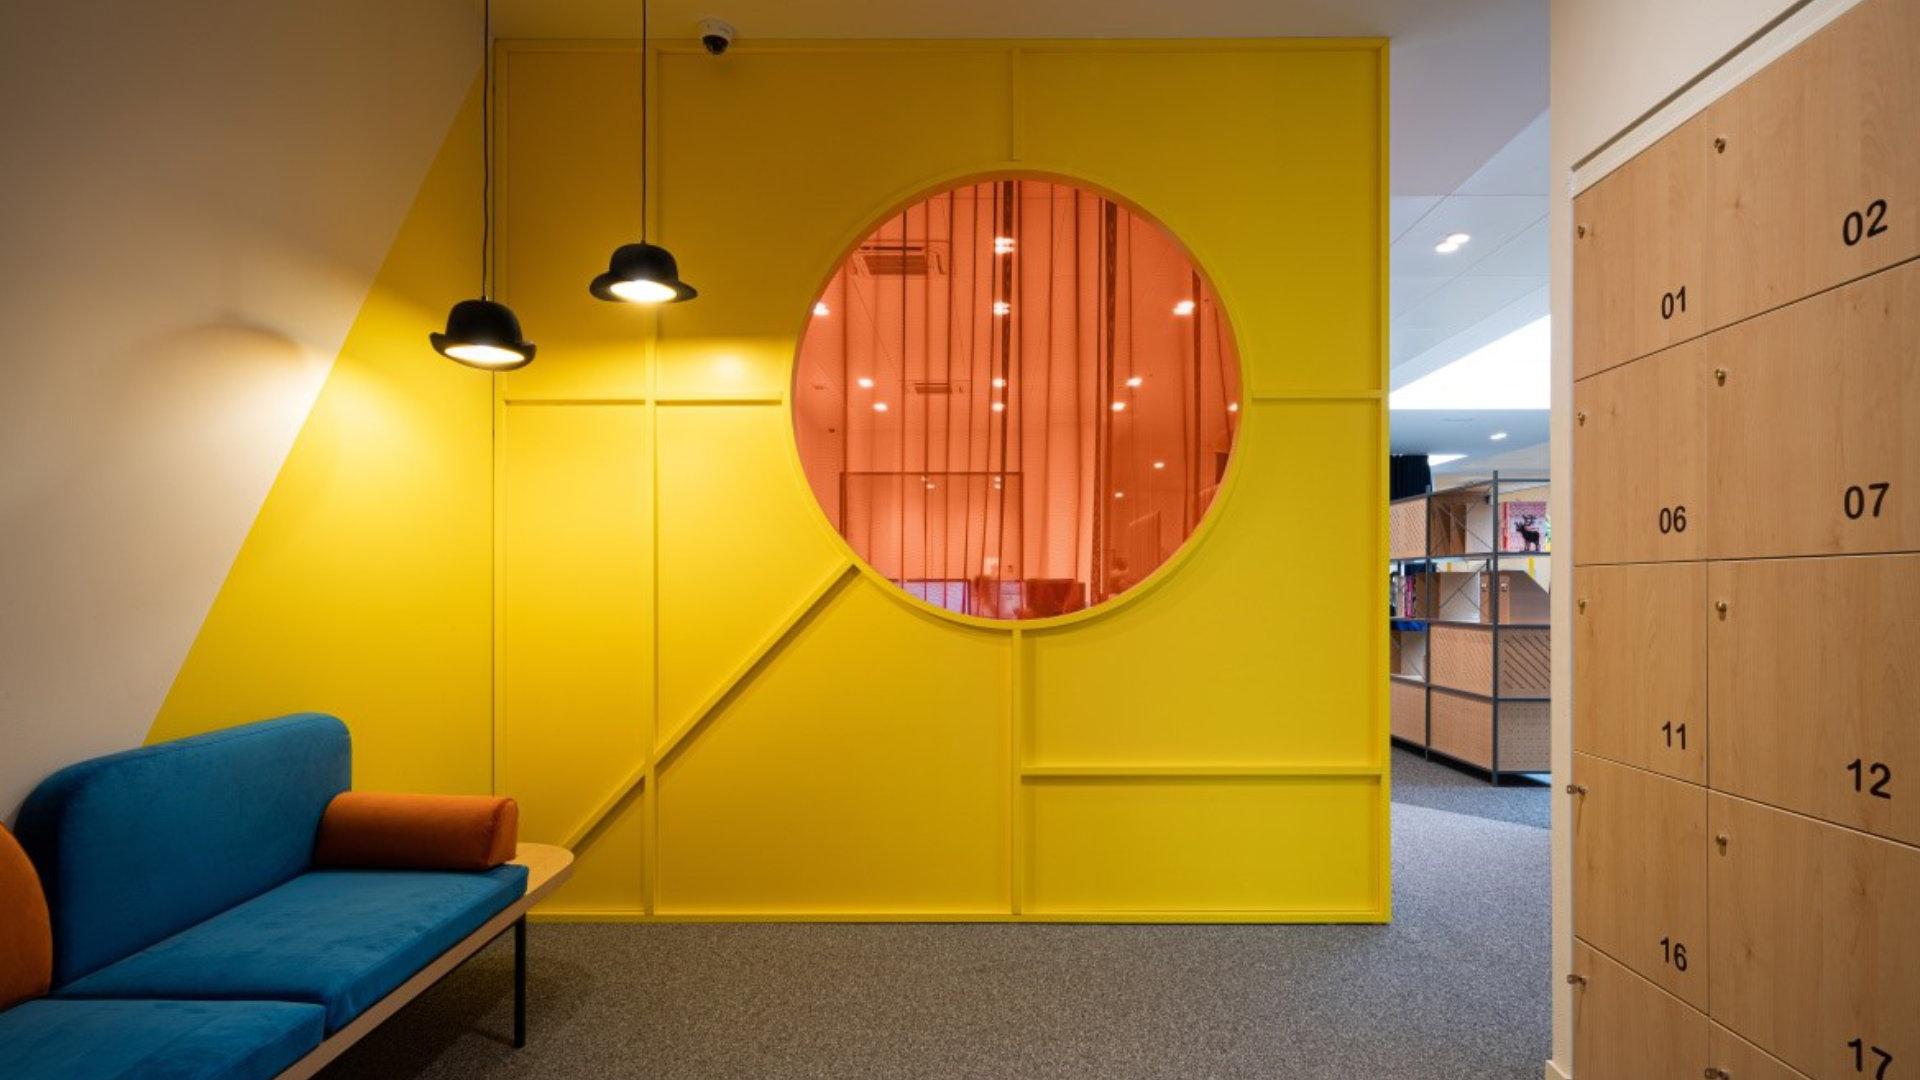 Unas oficinas para dejar volar la creatividad, por estudio Denys & von Arend